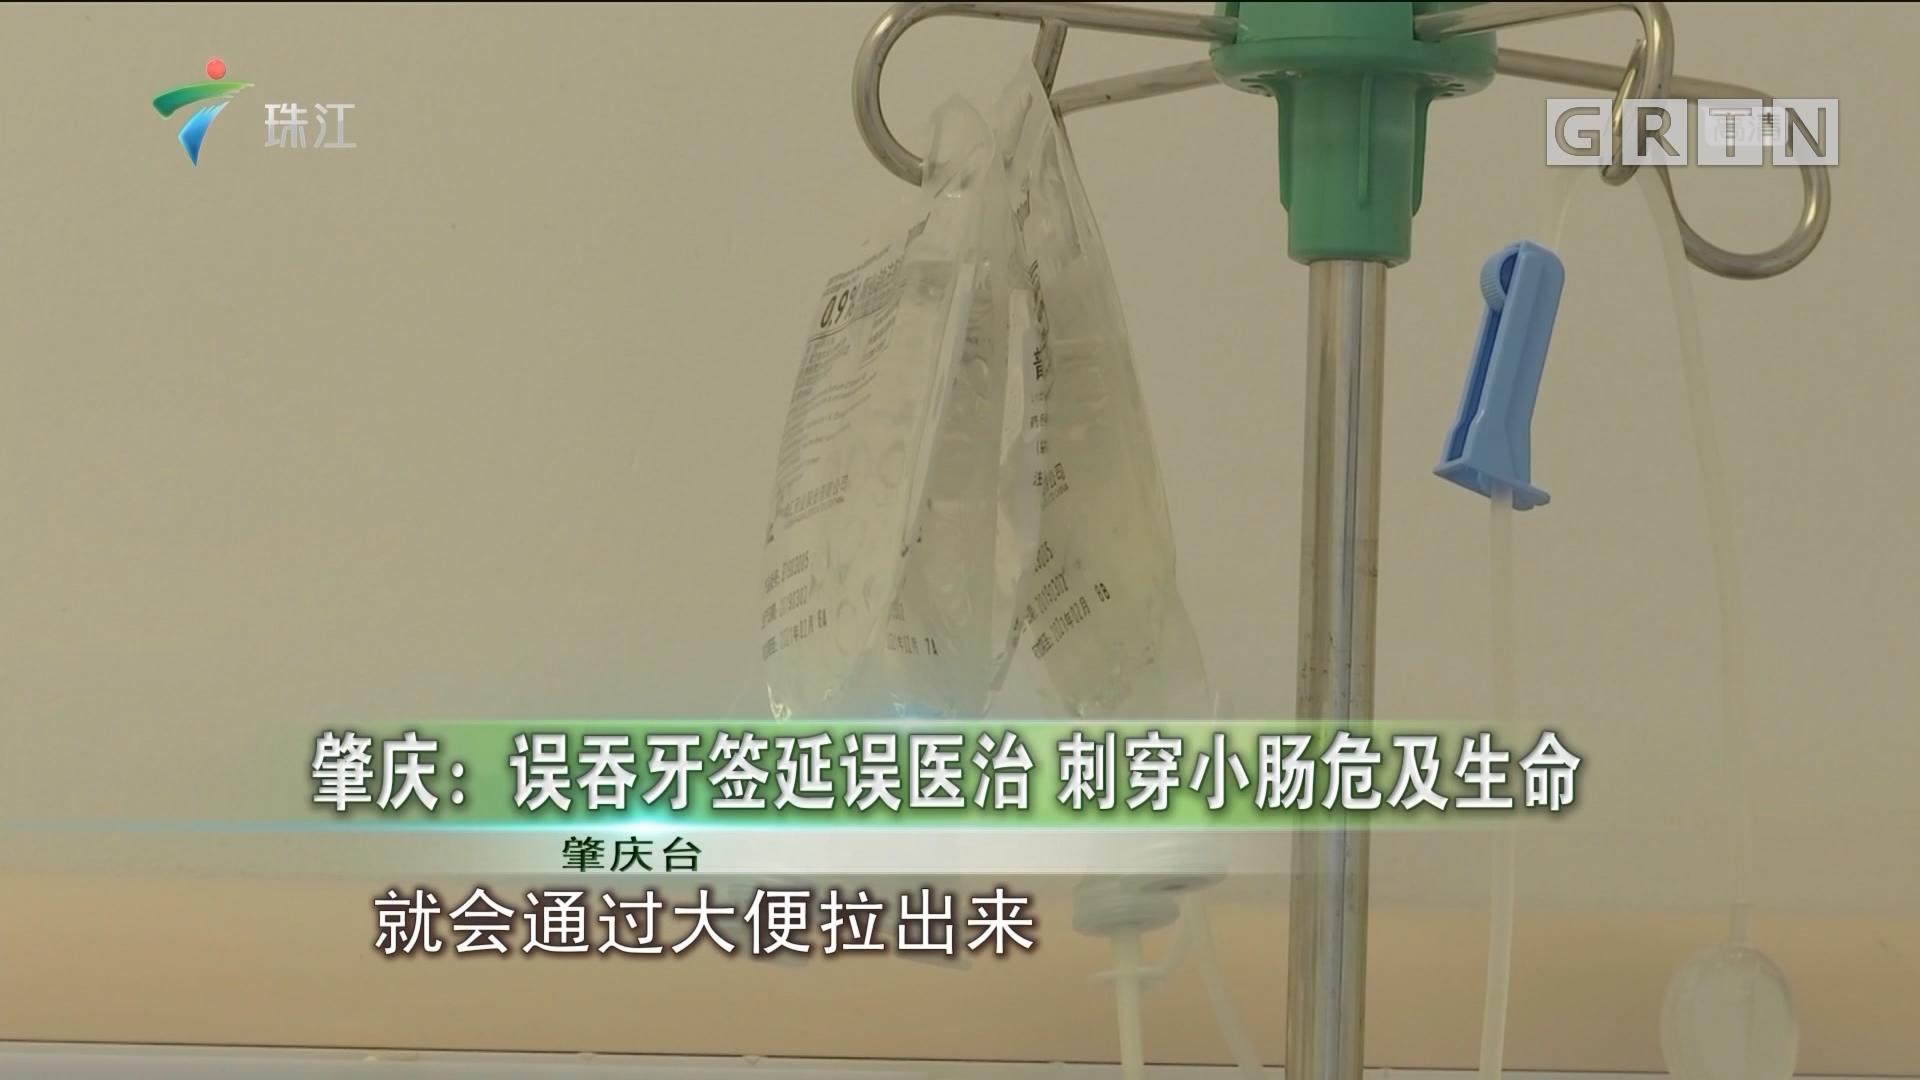 肇庆:误吞牙签延误医治 刺穿小肠危及生命